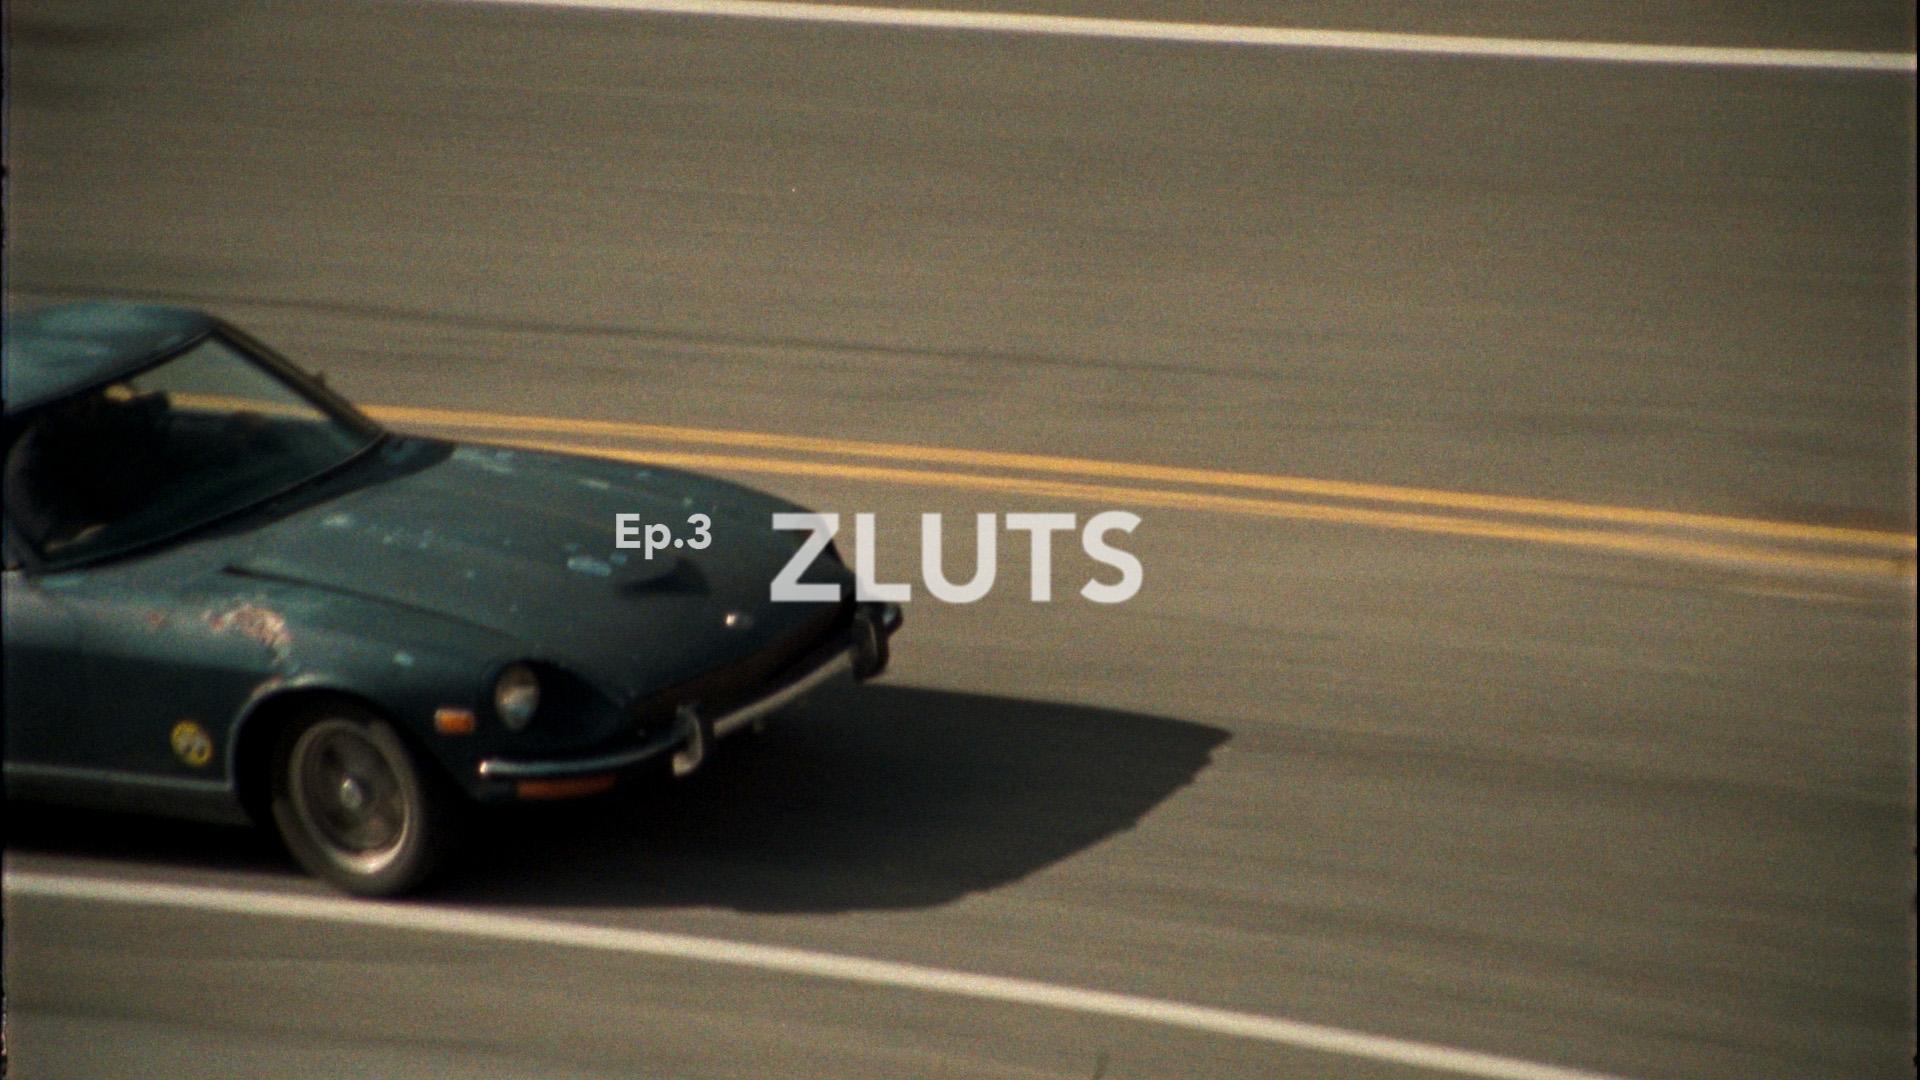 Ep 3 : Zluts